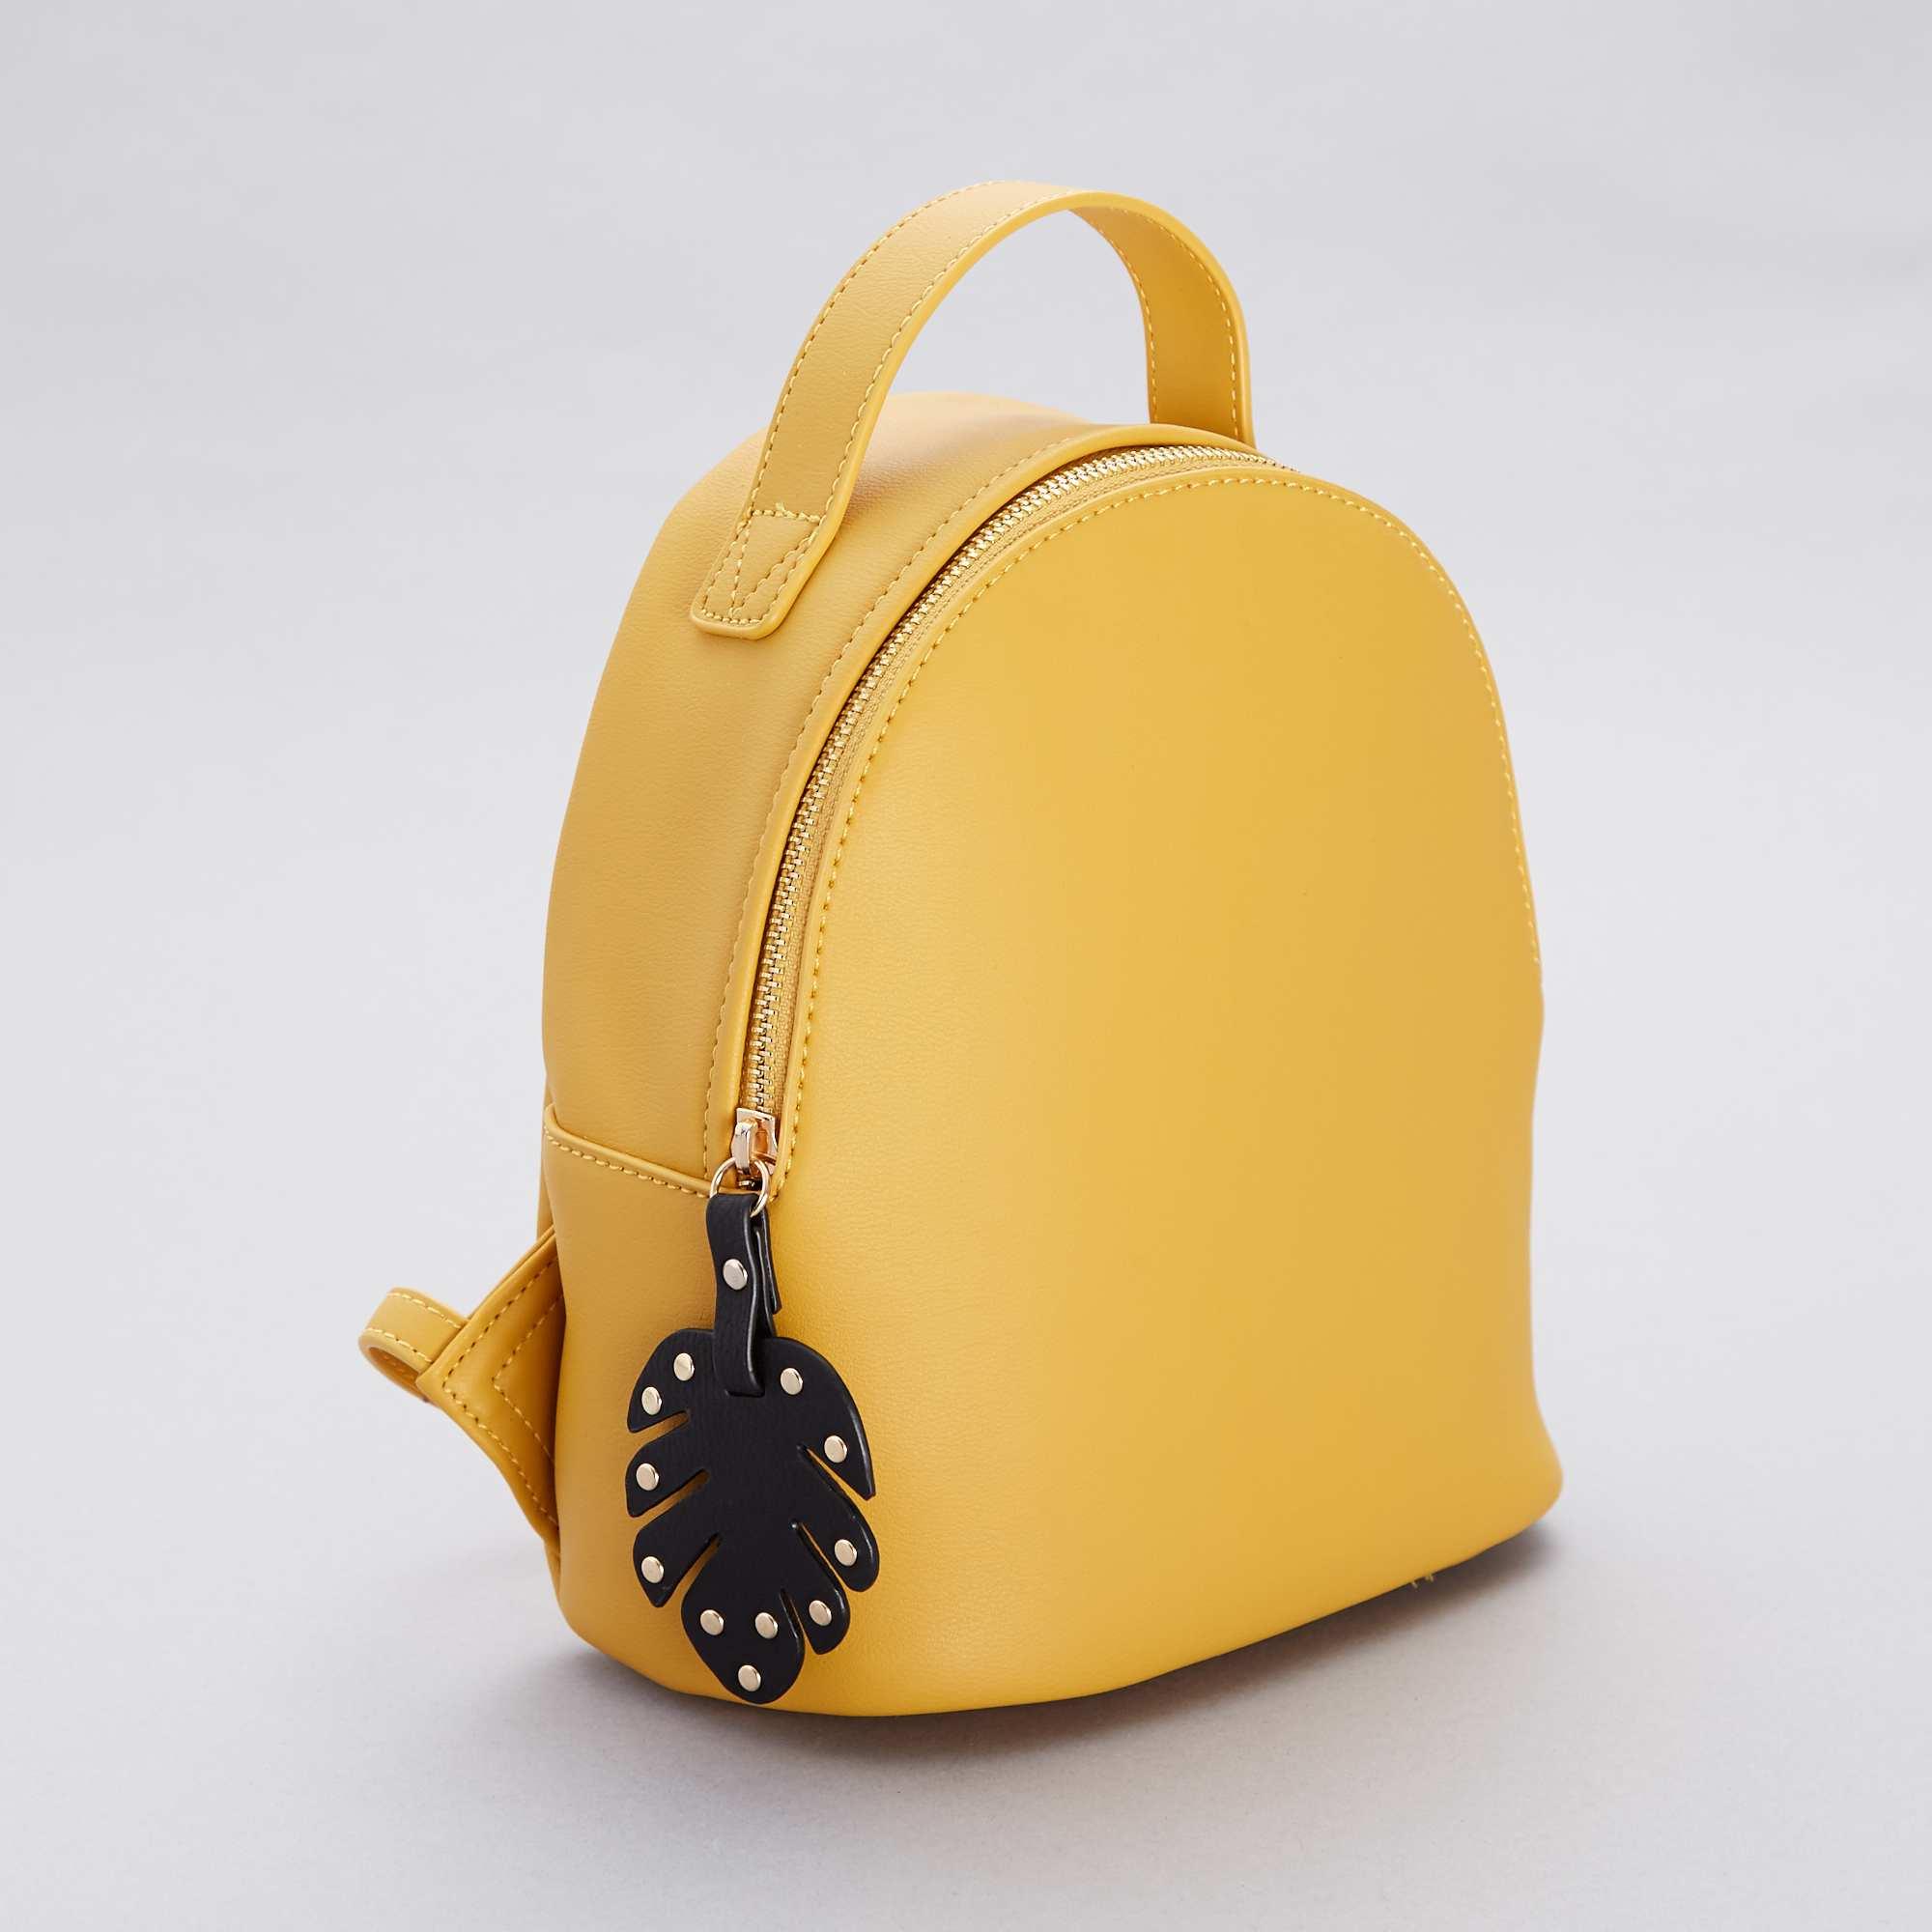 307933c636 Zaino piccolo Donna - GIALLO - Kiabi - 12,00€